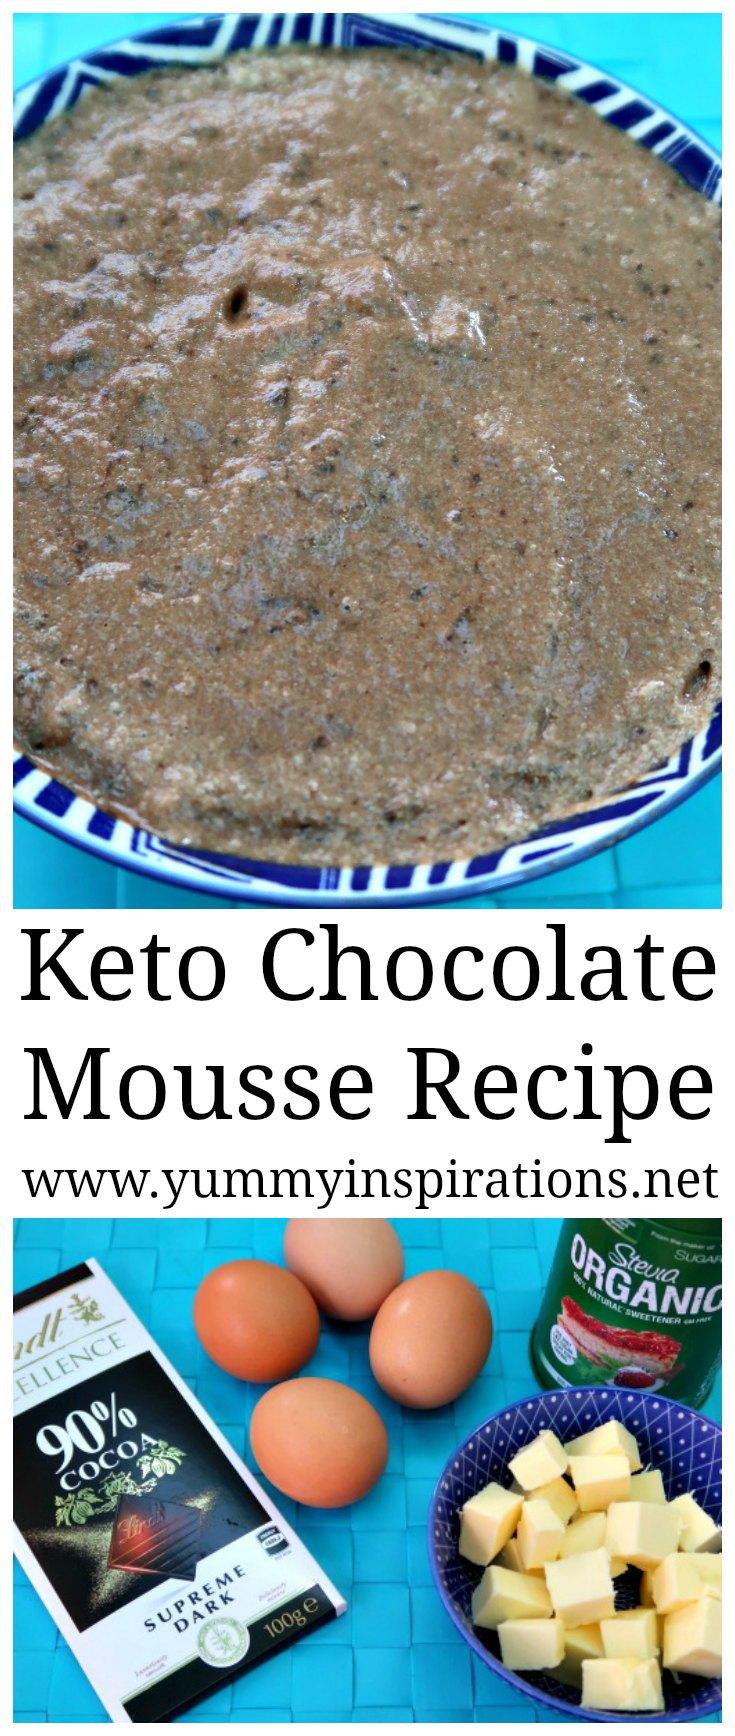 Receta de mousse de chocolate Keto - Recetas de postres Keto - Fácil mousse de chocolate bajo en carbohidratos con los cuatro sorteos más prácticos. Receta carnosa + video tutorial.